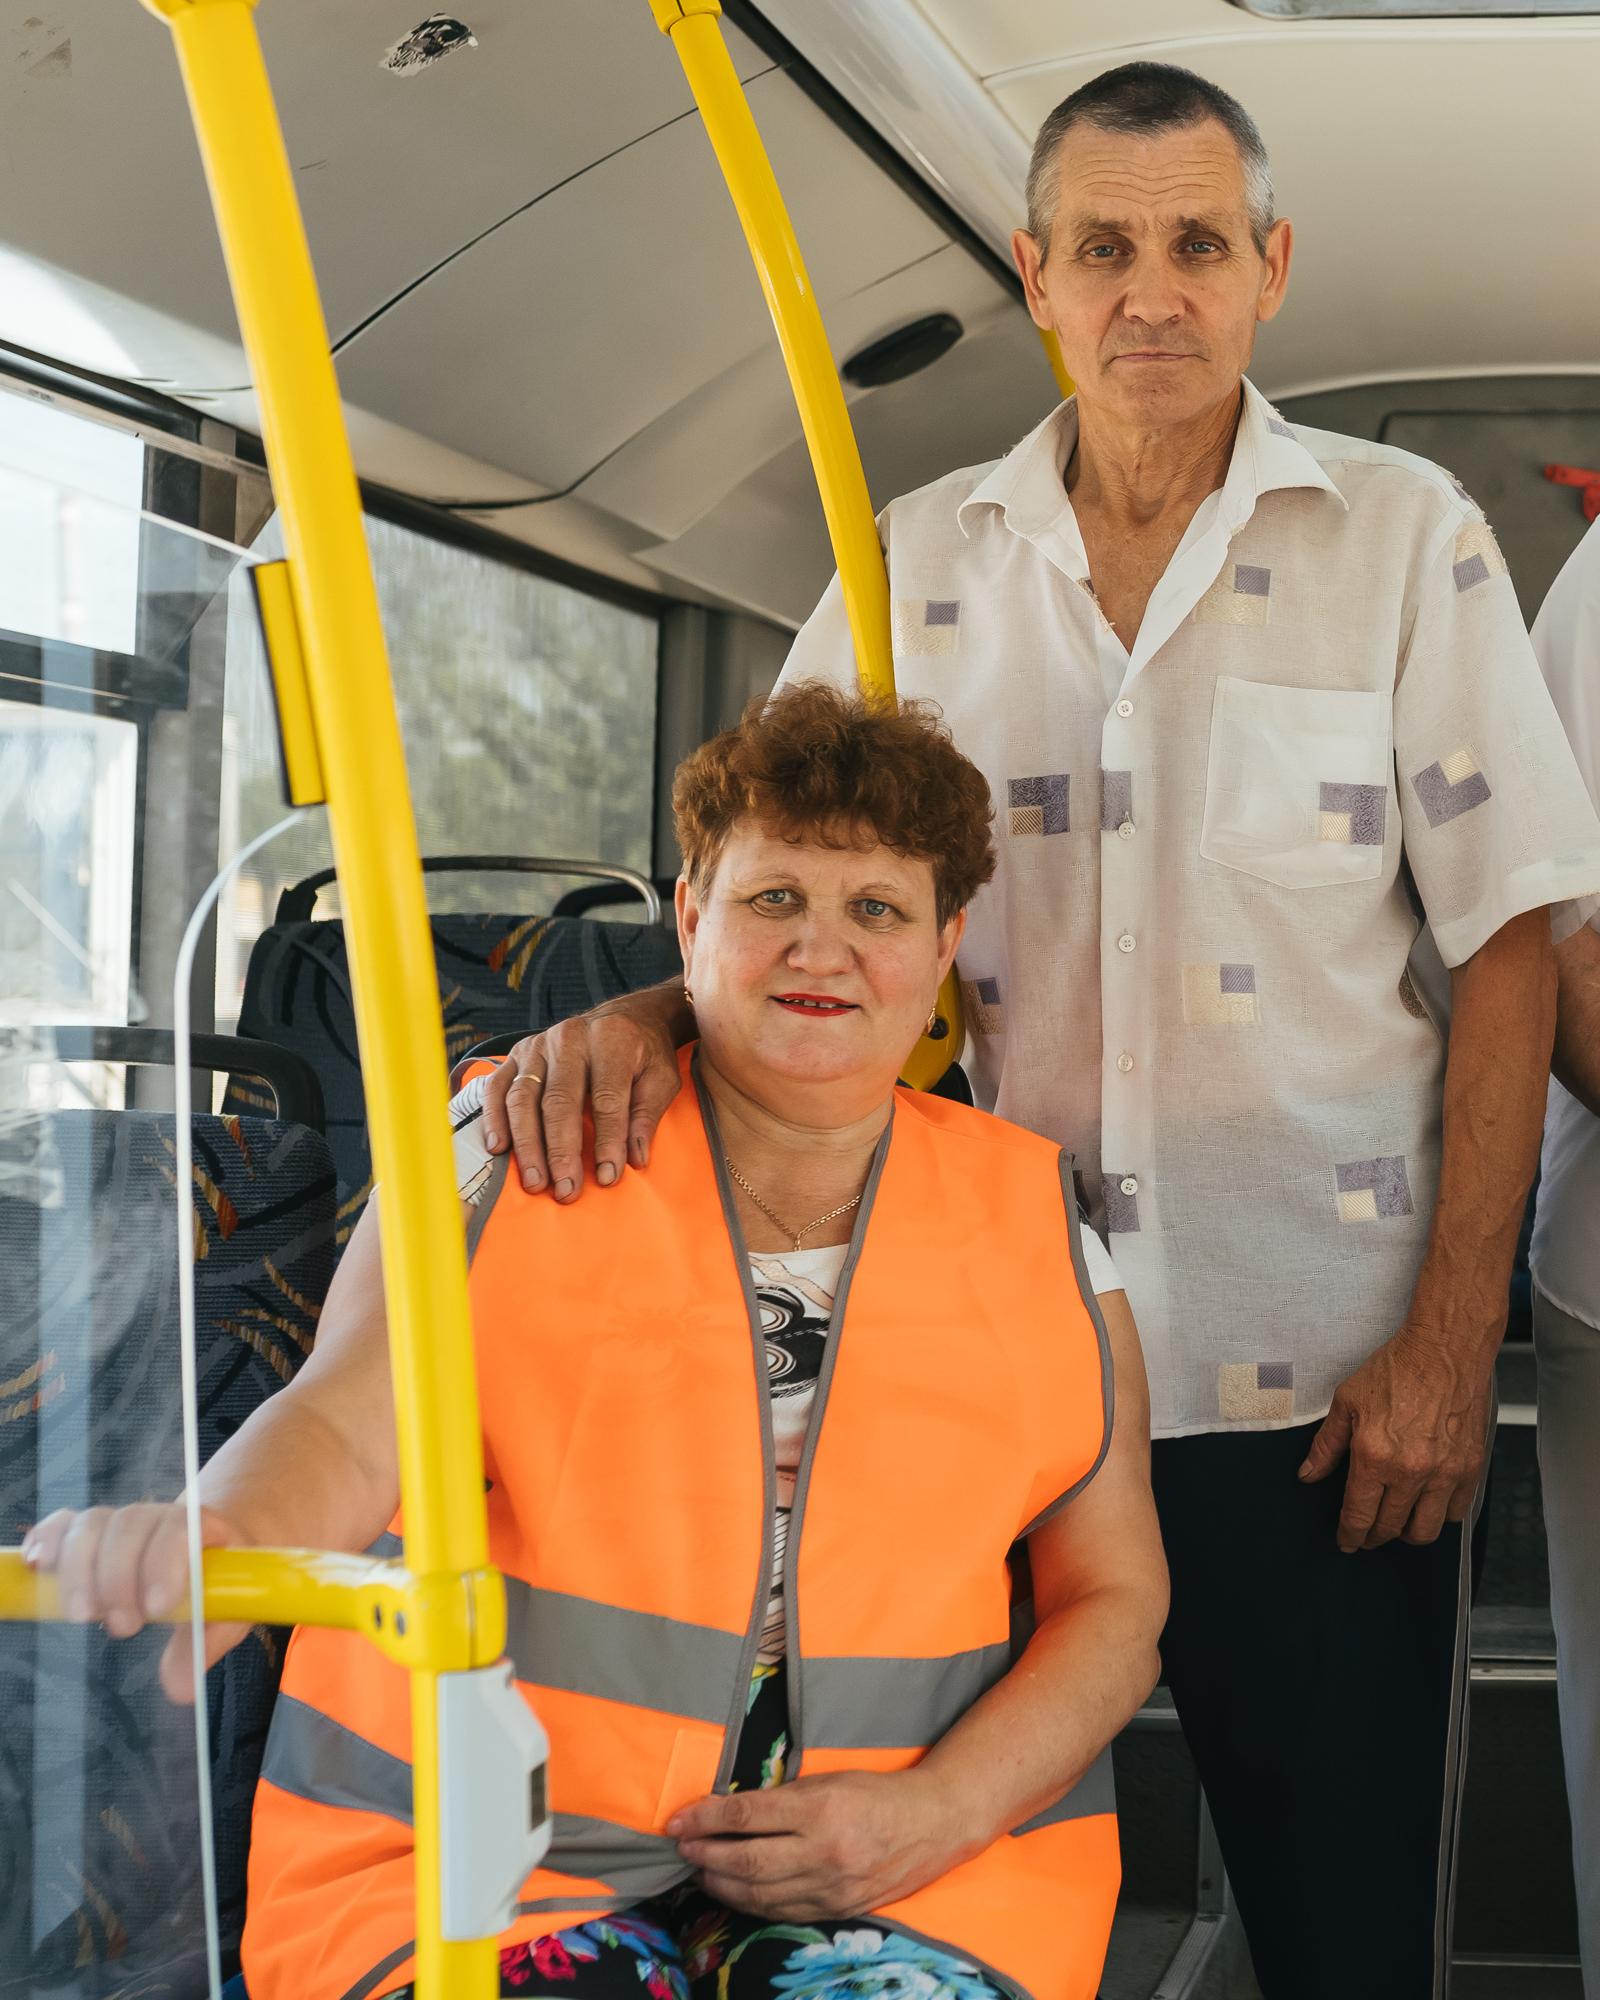 Труд Галины оценили званием «Лучший кондуктор», а Раиф стал Почетным работником общественного транспорта